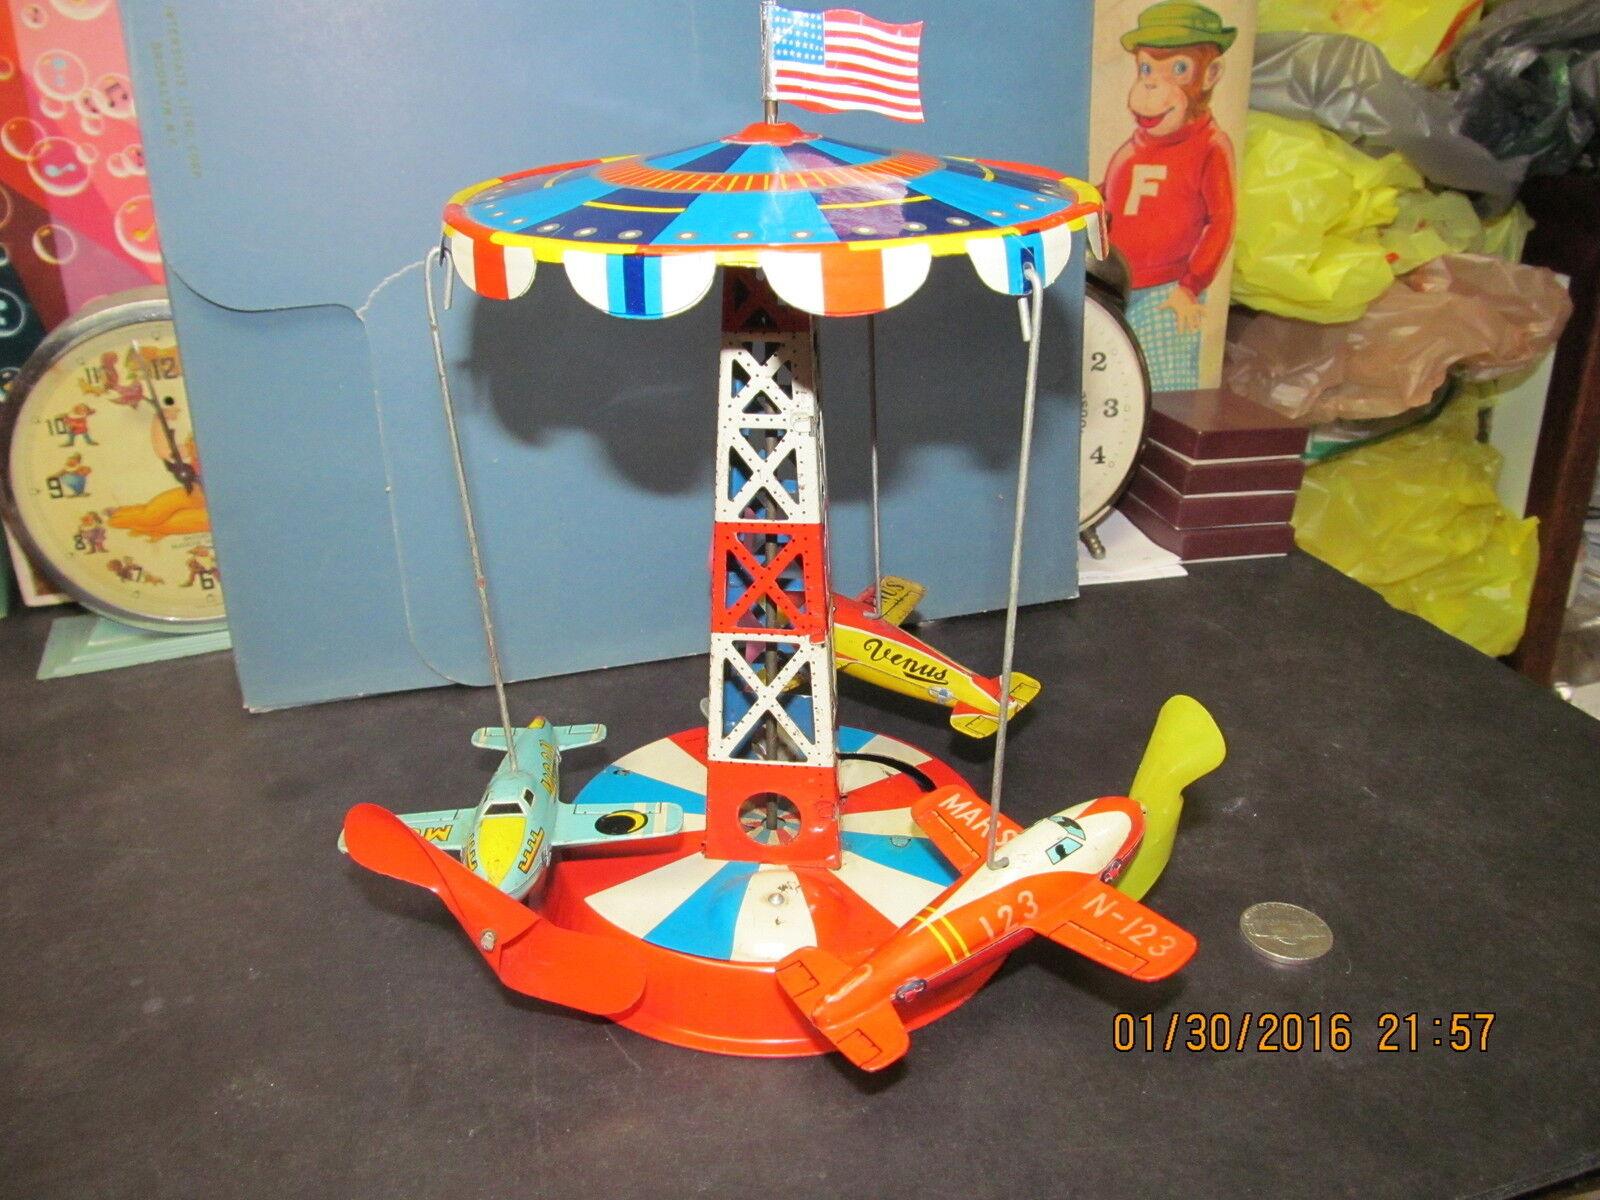 Torre de Control de Aire palanca acción de juguete de estaño con Marte, Venus & Luna aviones 50s-60s